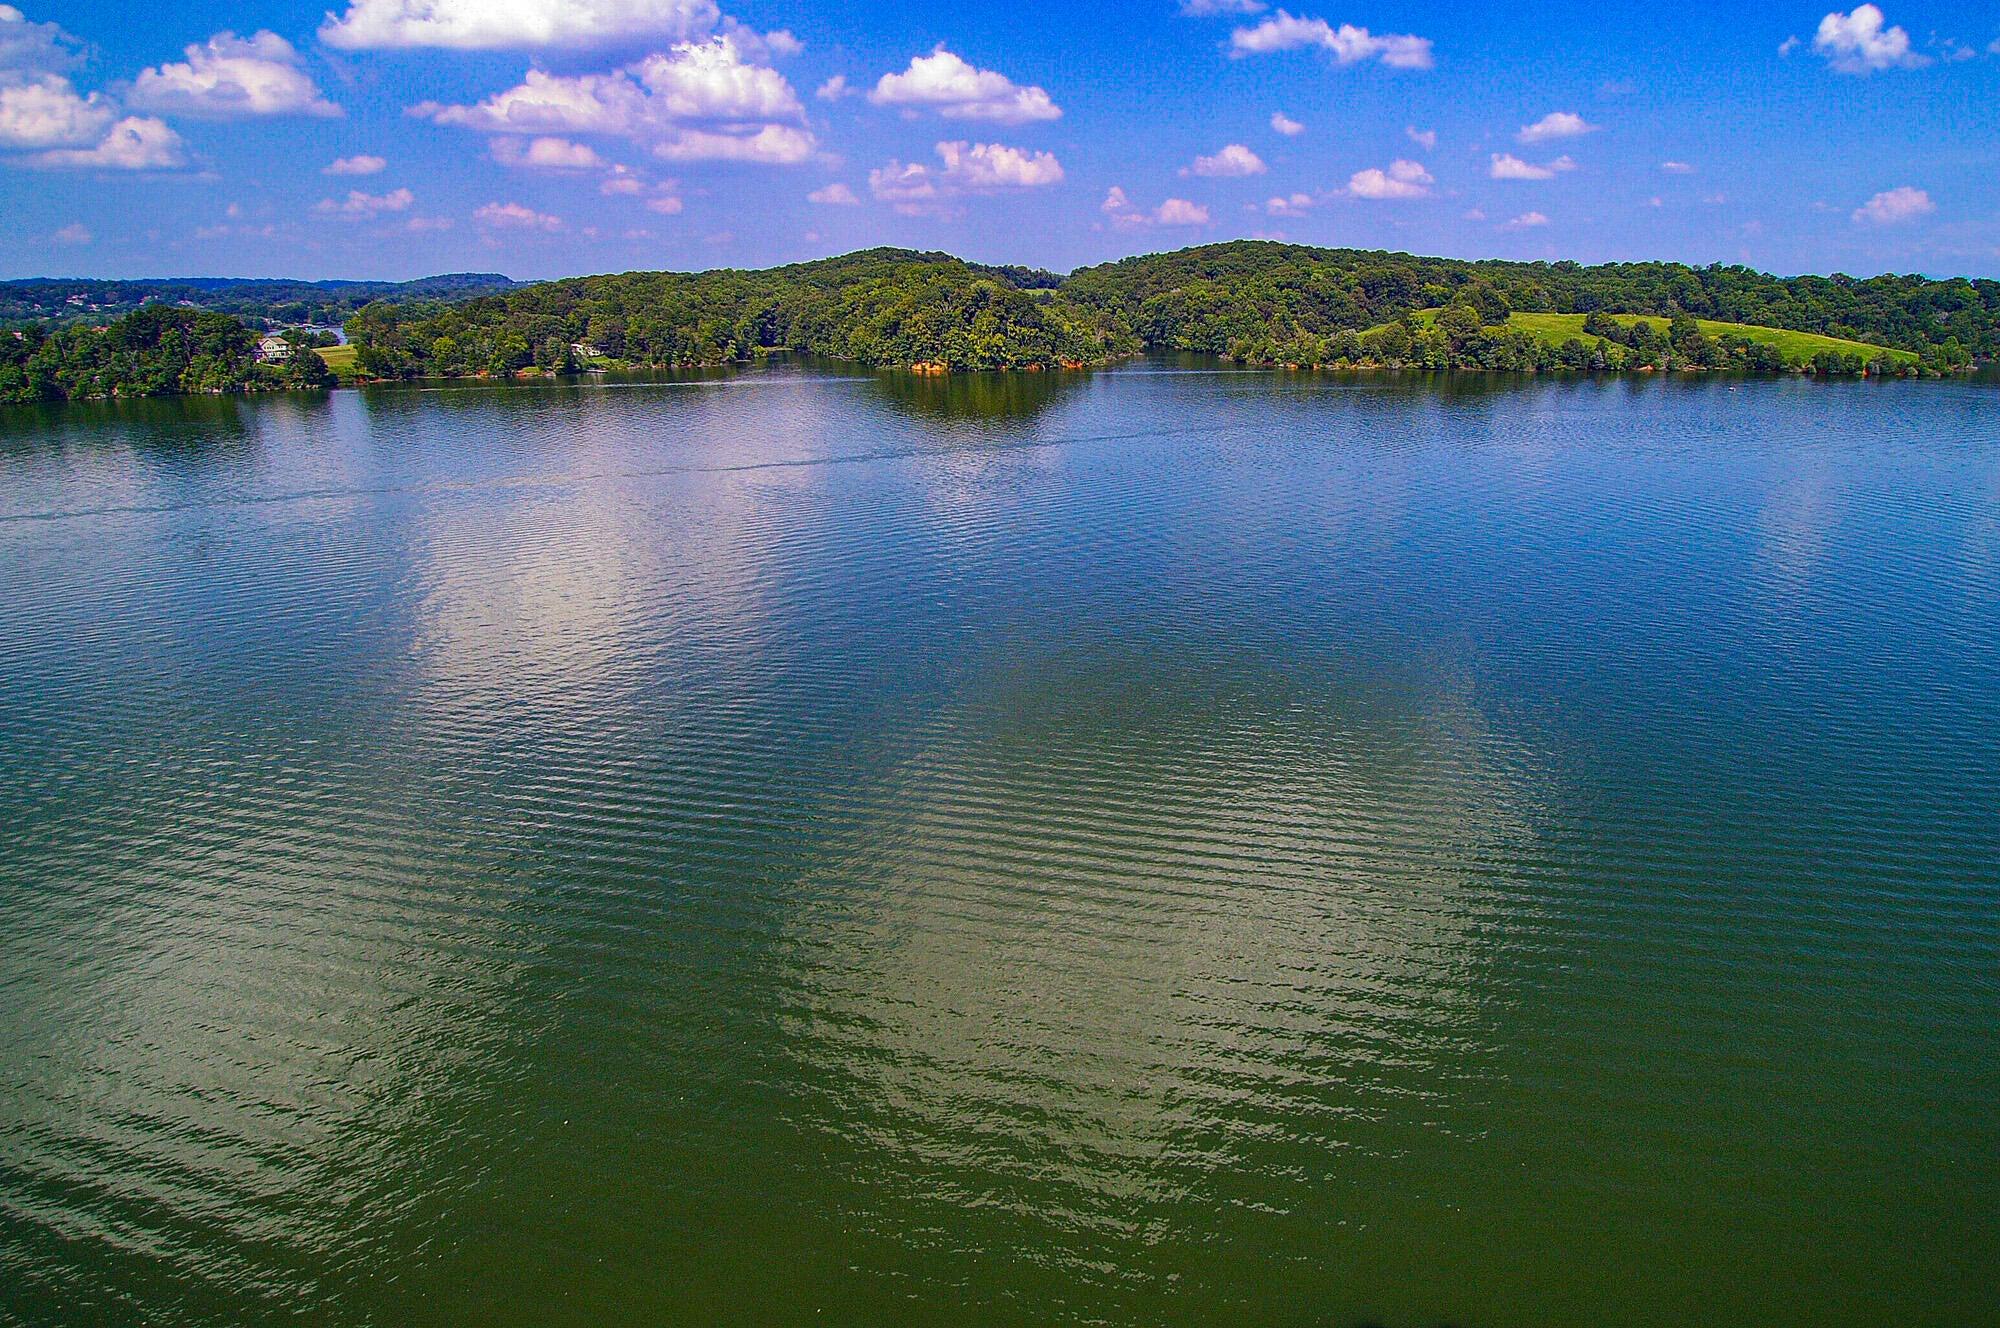 Lake at house